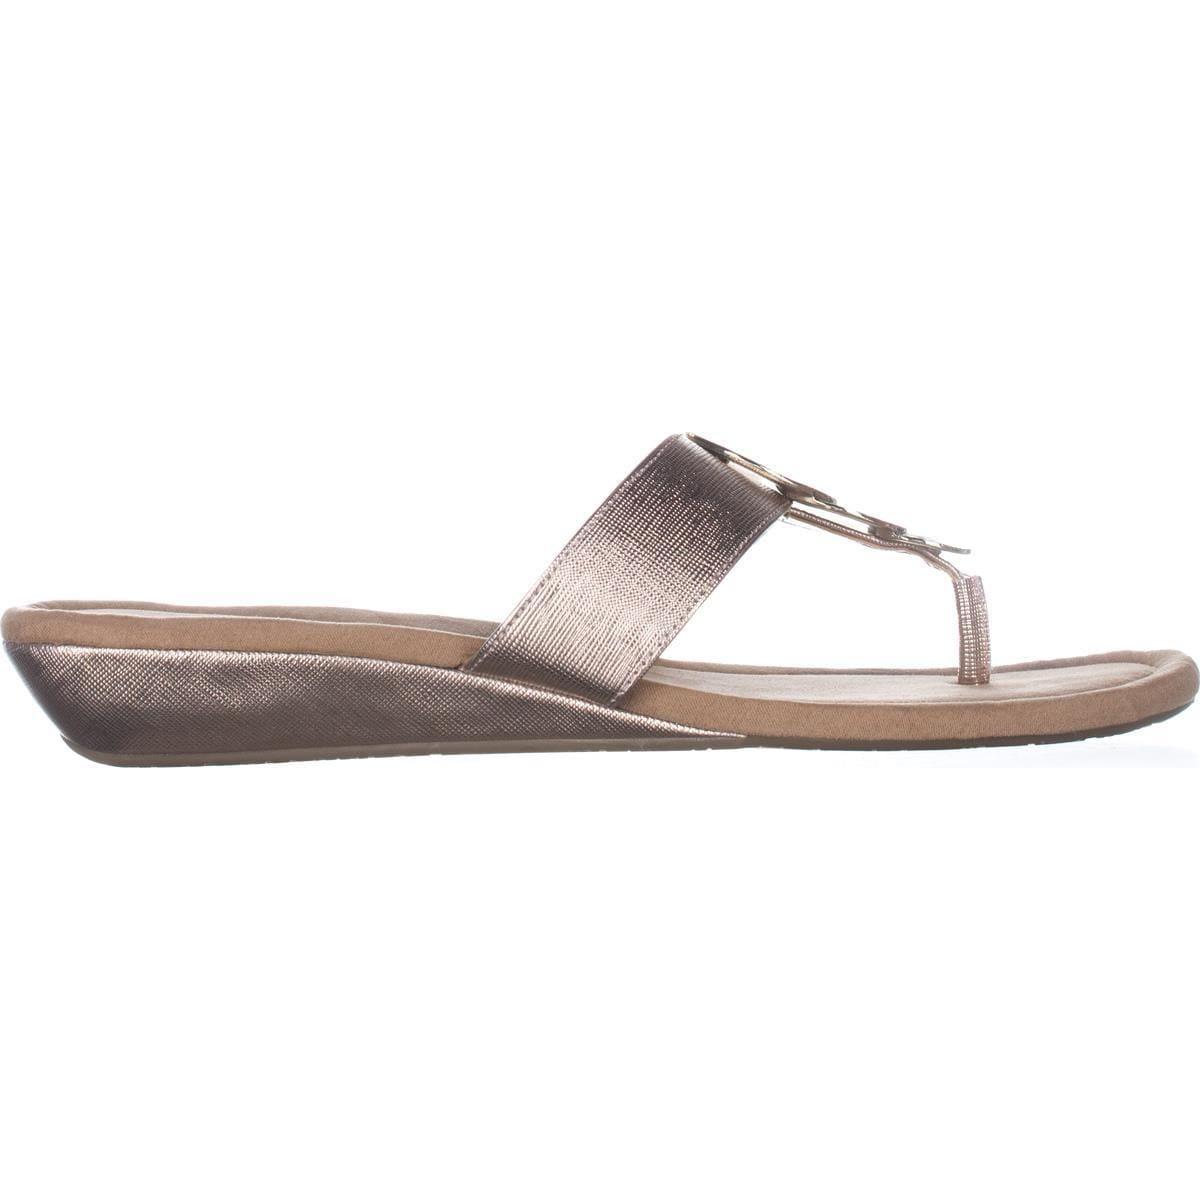 a5679e8f42f Shop A35 Fleur Thong Wedge Sandals